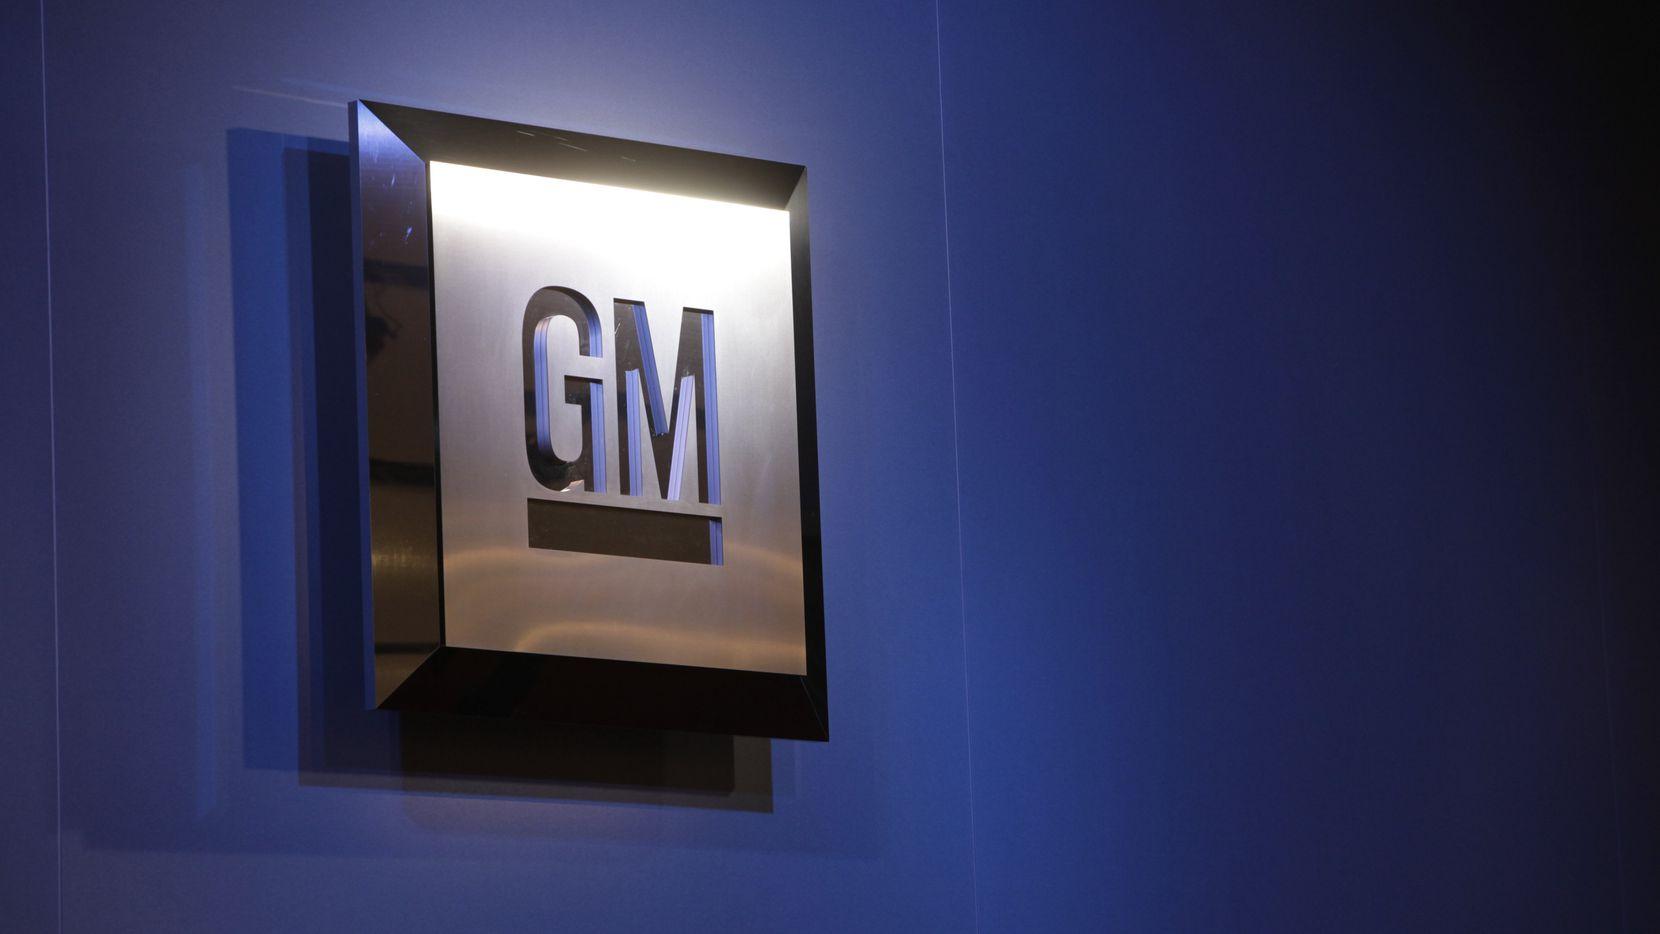 General Motors anunció su segunda gran asociación de vehículos eléctricos en menos de una semana, esta vez con la empresa startup Nikola.